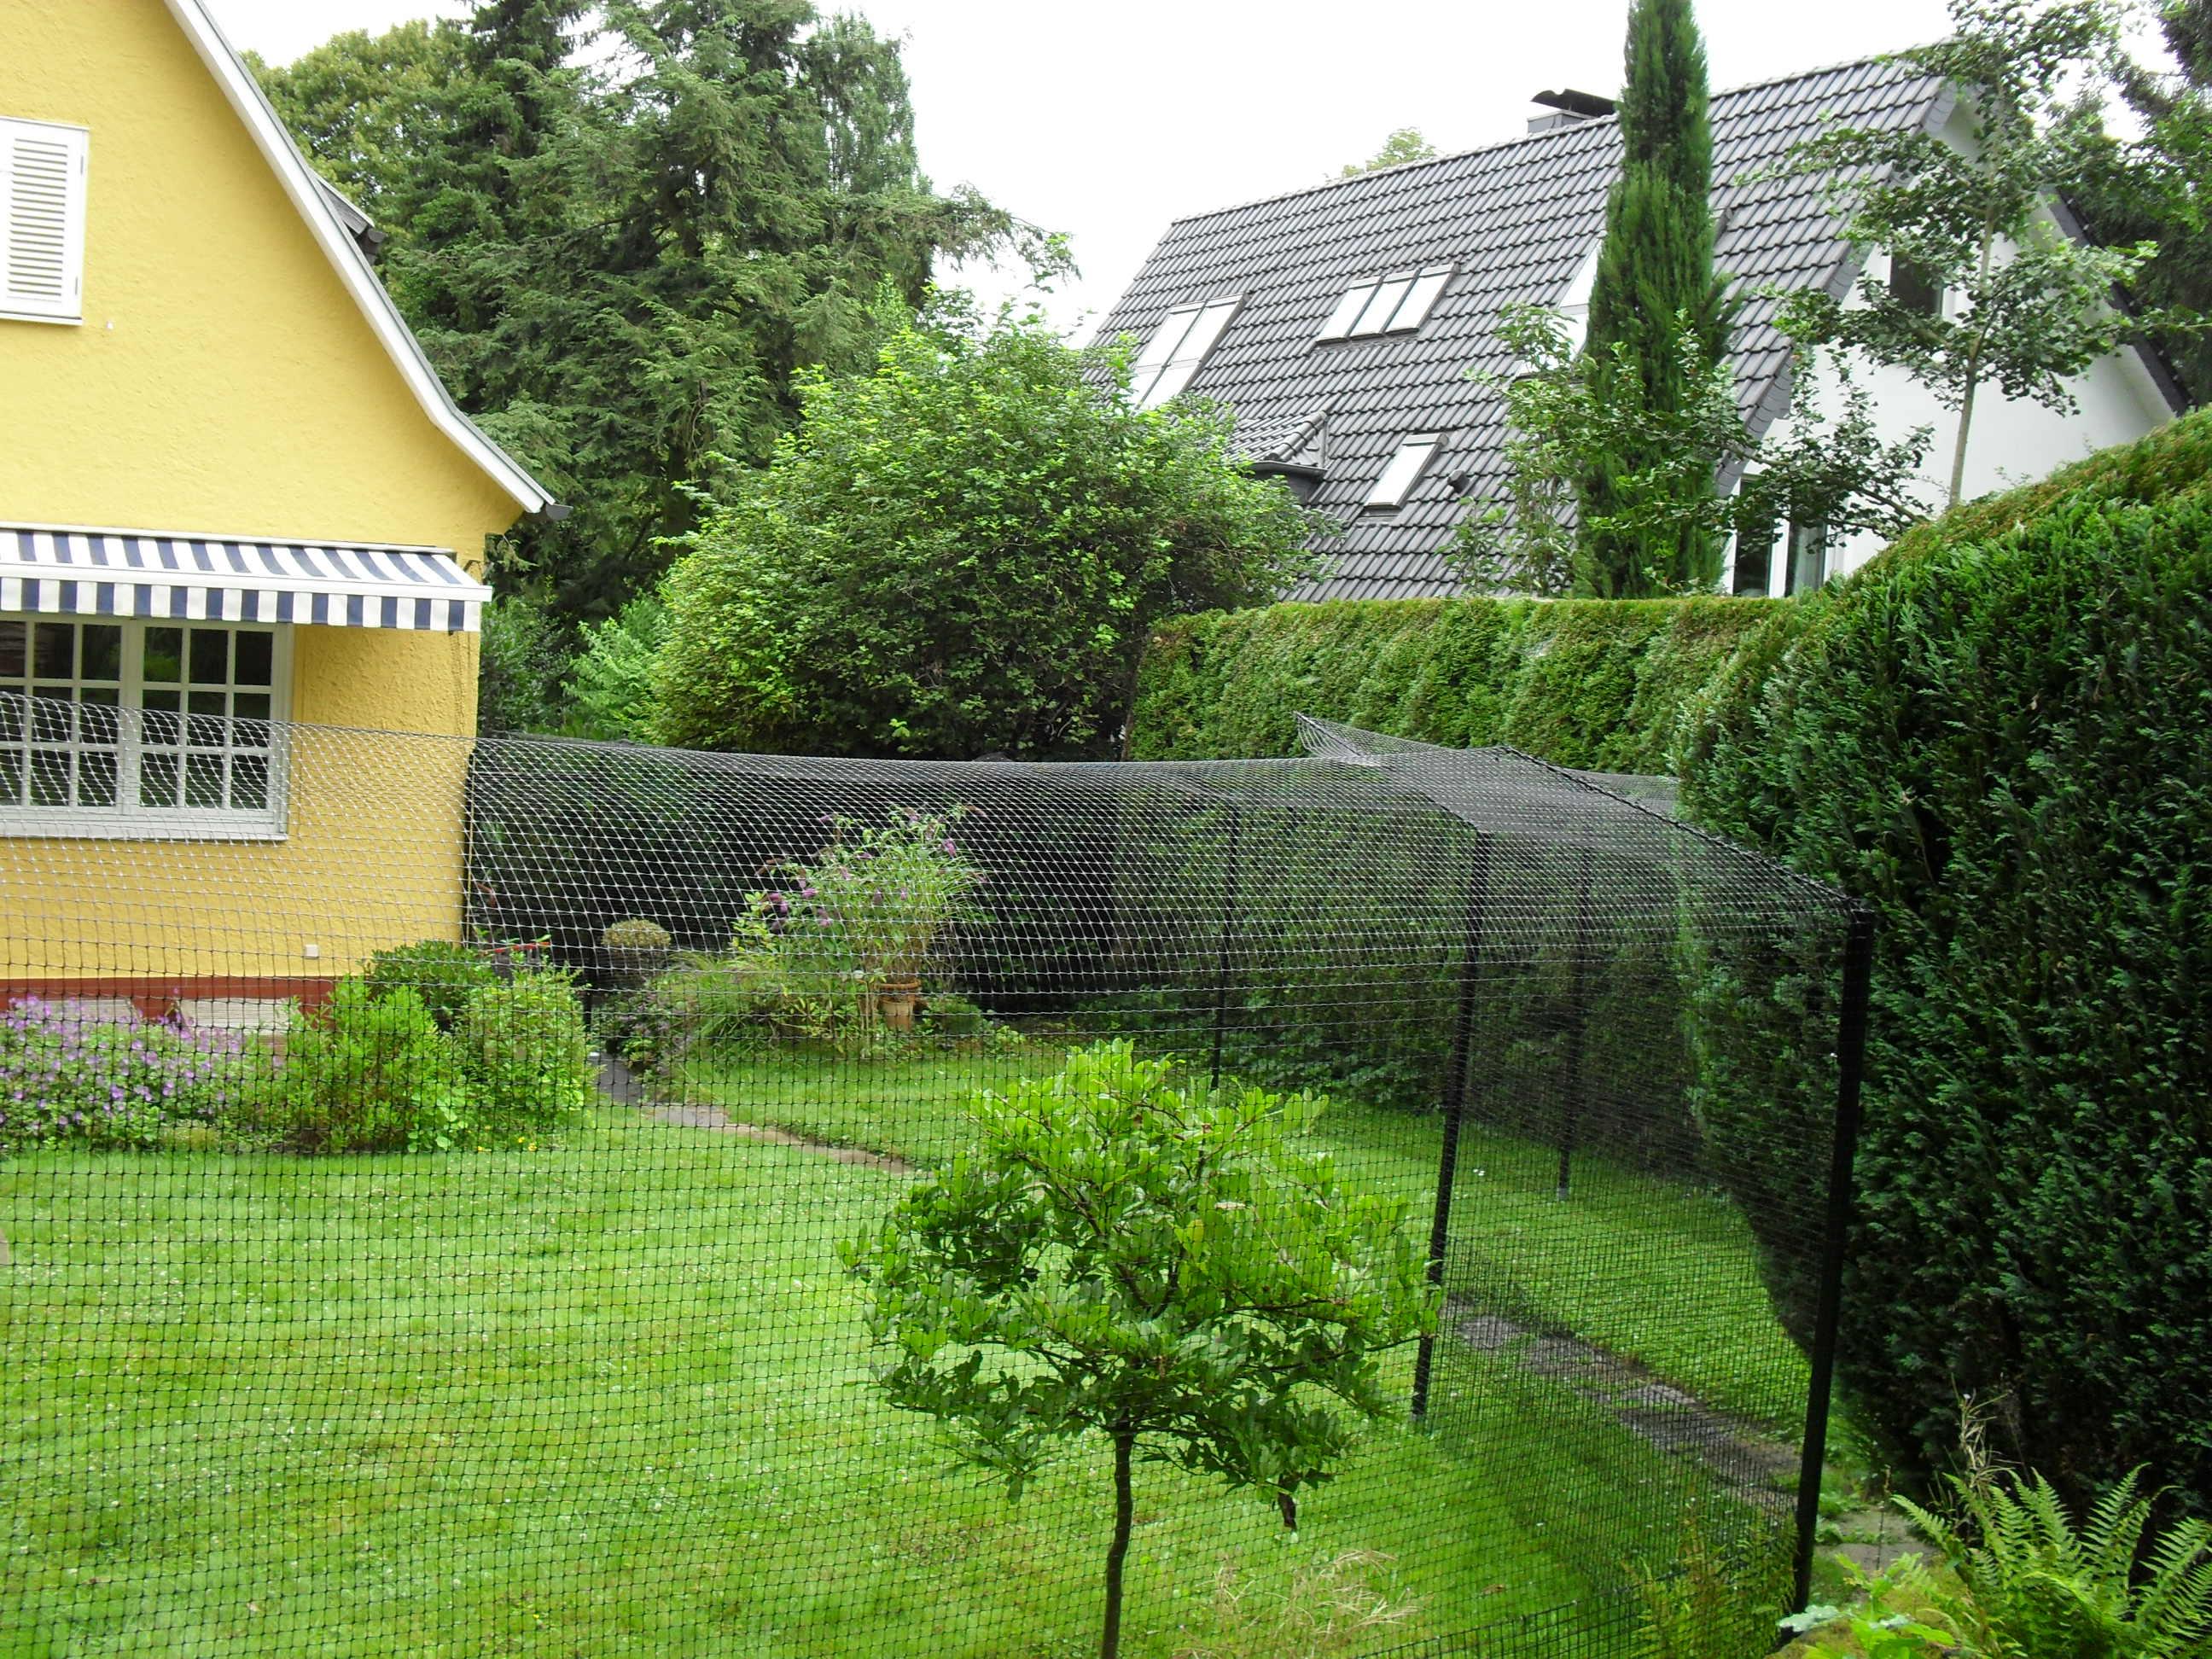 katzengehege system als gartensicherung katzennetze nrw der katzennetz profi. Black Bedroom Furniture Sets. Home Design Ideas